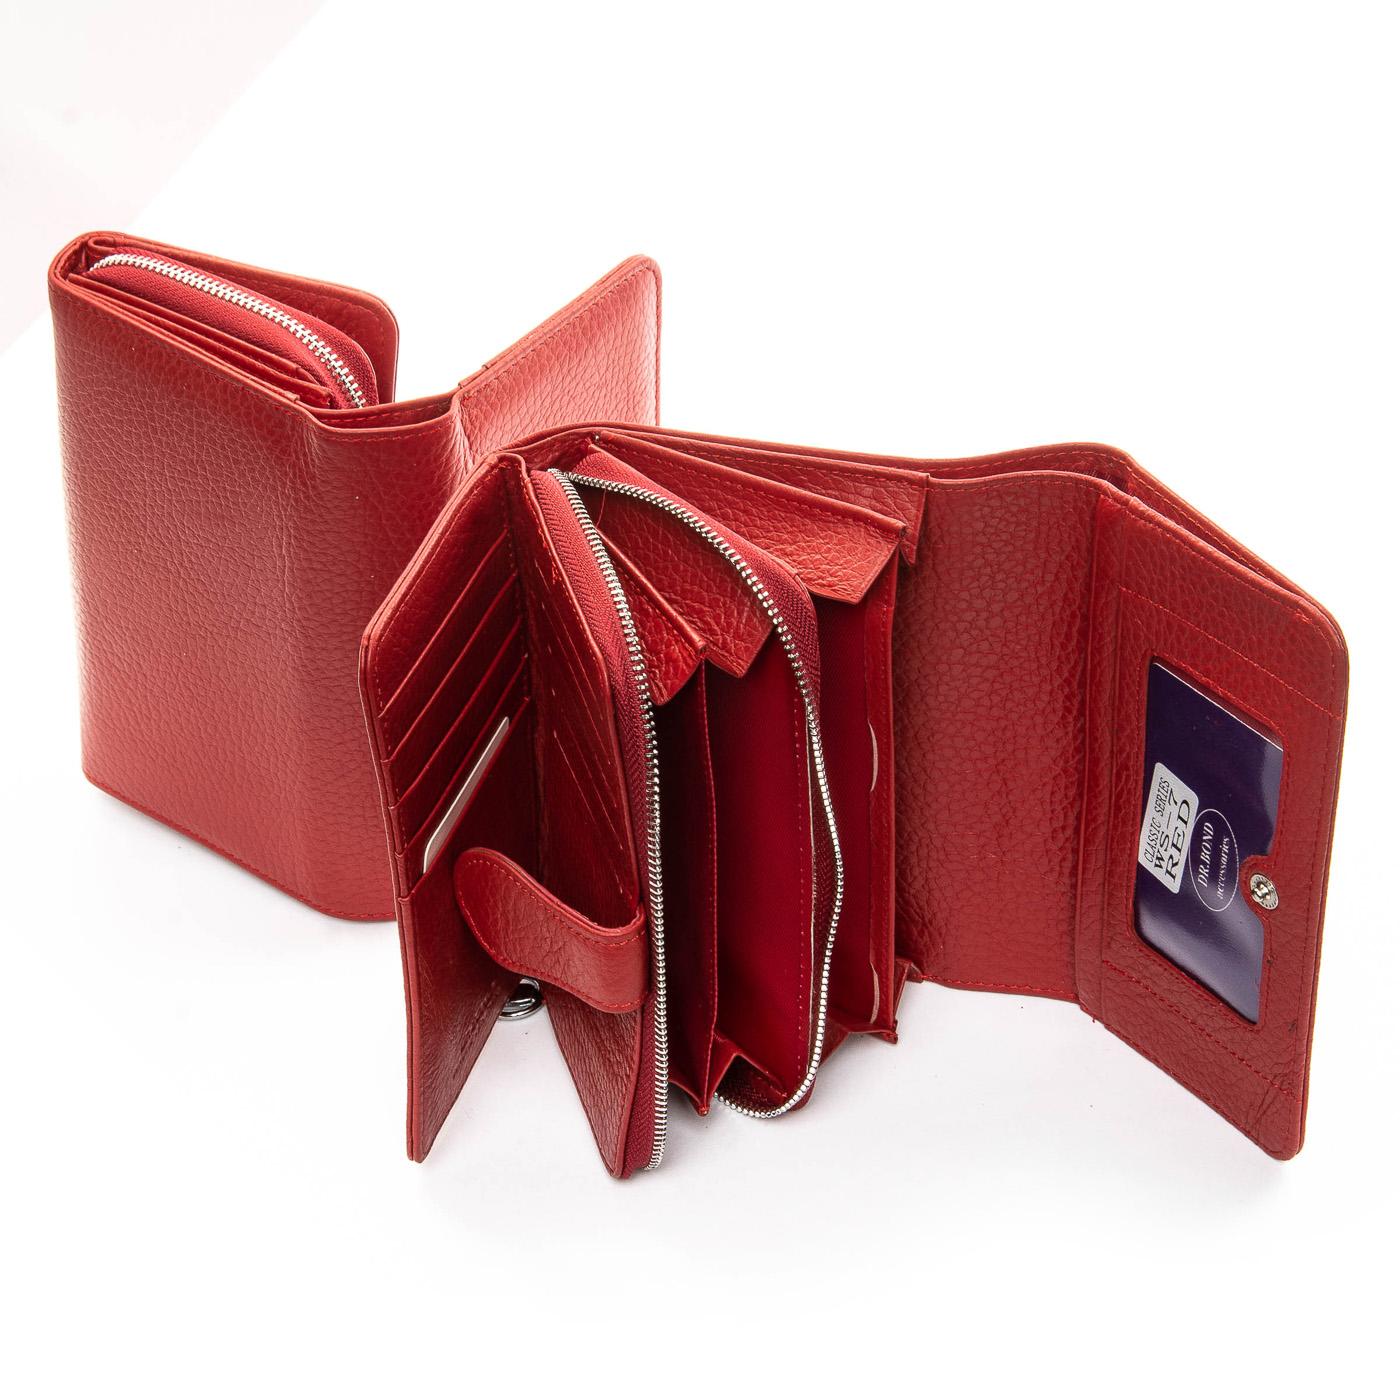 Кошелек Classic кожа DR. BOND WS-7 red - фото 4